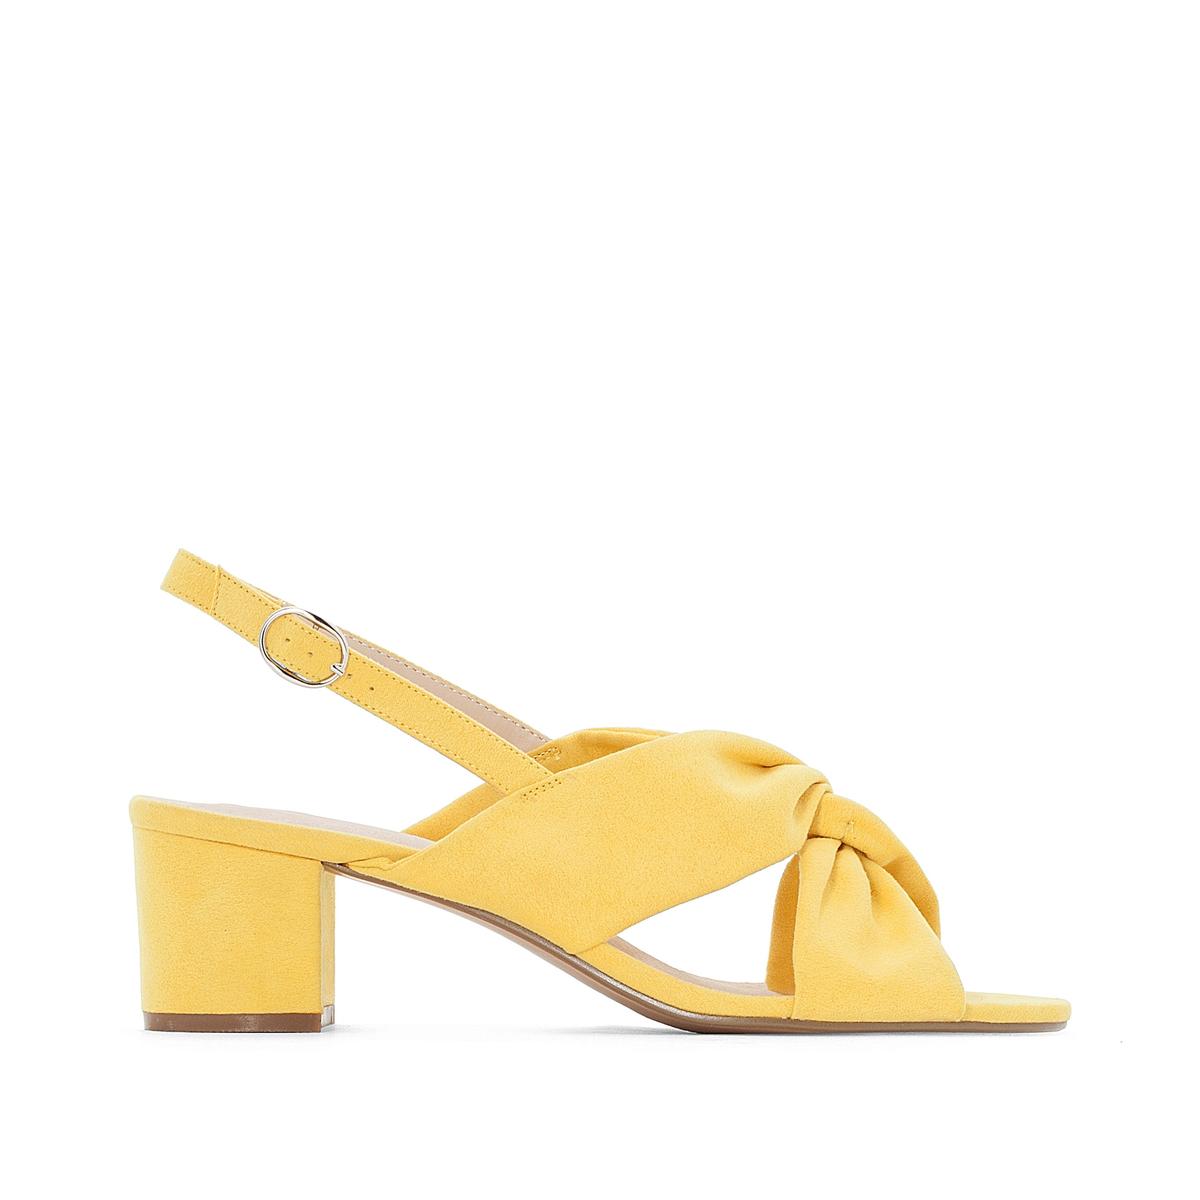 Босоножки на среднем каблуке 38-45Описание:Детали •  Широкий каблук •  Высота каблука : 5 см •  Застежка : ремешок/пряжка •  Круглый мысок •  Гладкая отделкаСостав и уход •  Верх/Голенище : 100% синтетический материал •  Подкладка : 100% синтетический материал •  Стелька : 100% кожа •  Подошва : 100% эластомер<br><br>Цвет: желтый,черный<br>Размер: 38.41.38.41.44.43.42.40.39.43.42.40